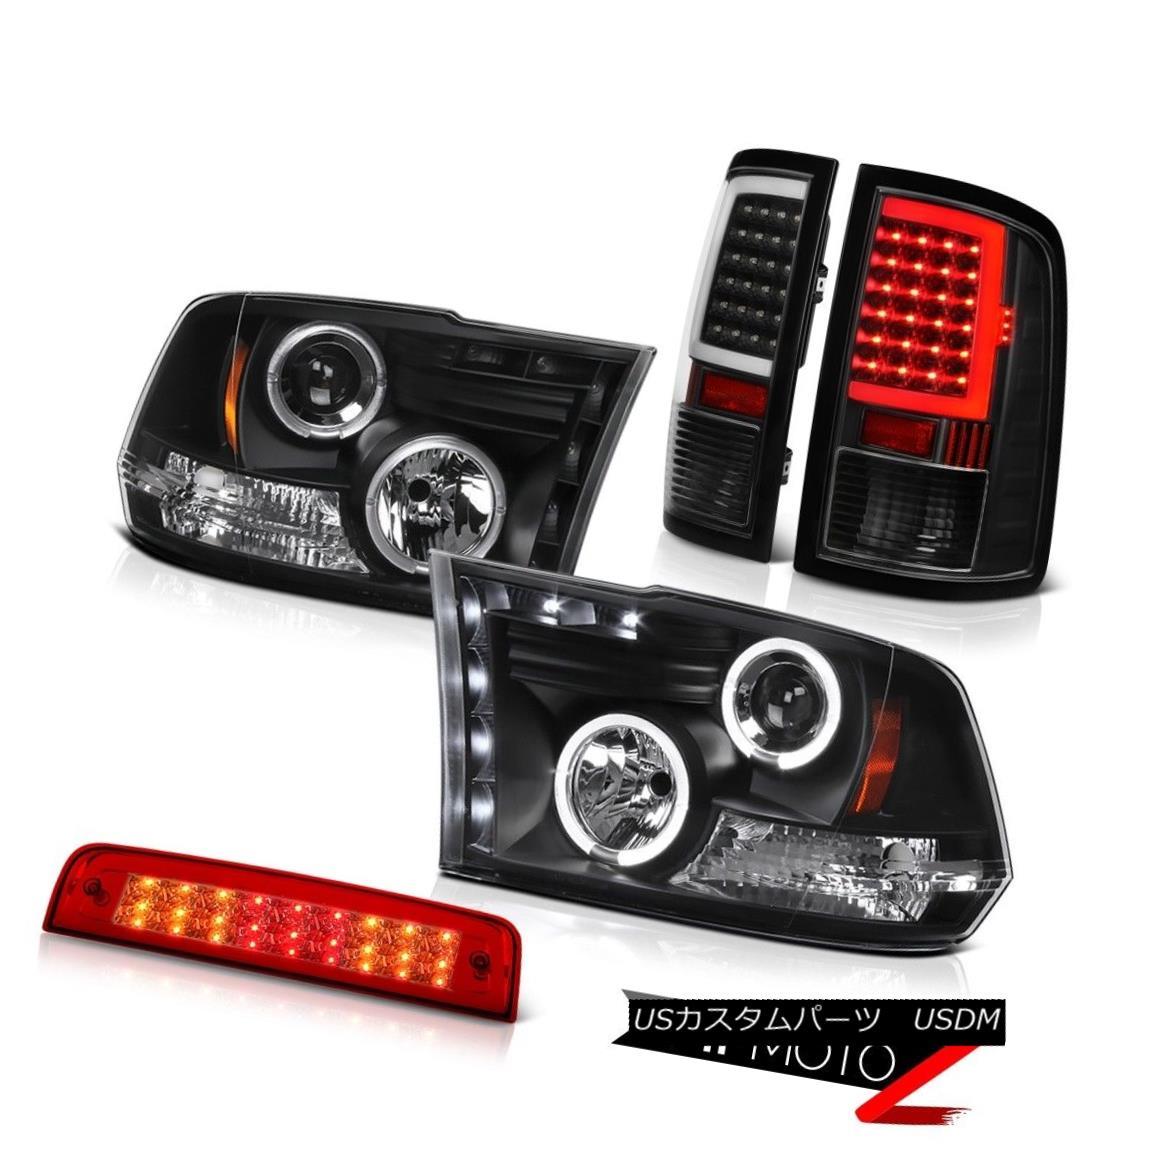 テールライト 09-14 15-18 Dodge RAM 3500 Black Tail Lights Third Brake Headlight Assembly PAIR 09-14 15-18ダッジRAM 3500ブラックテールライトThird Brake Headlight Assembly PAIR